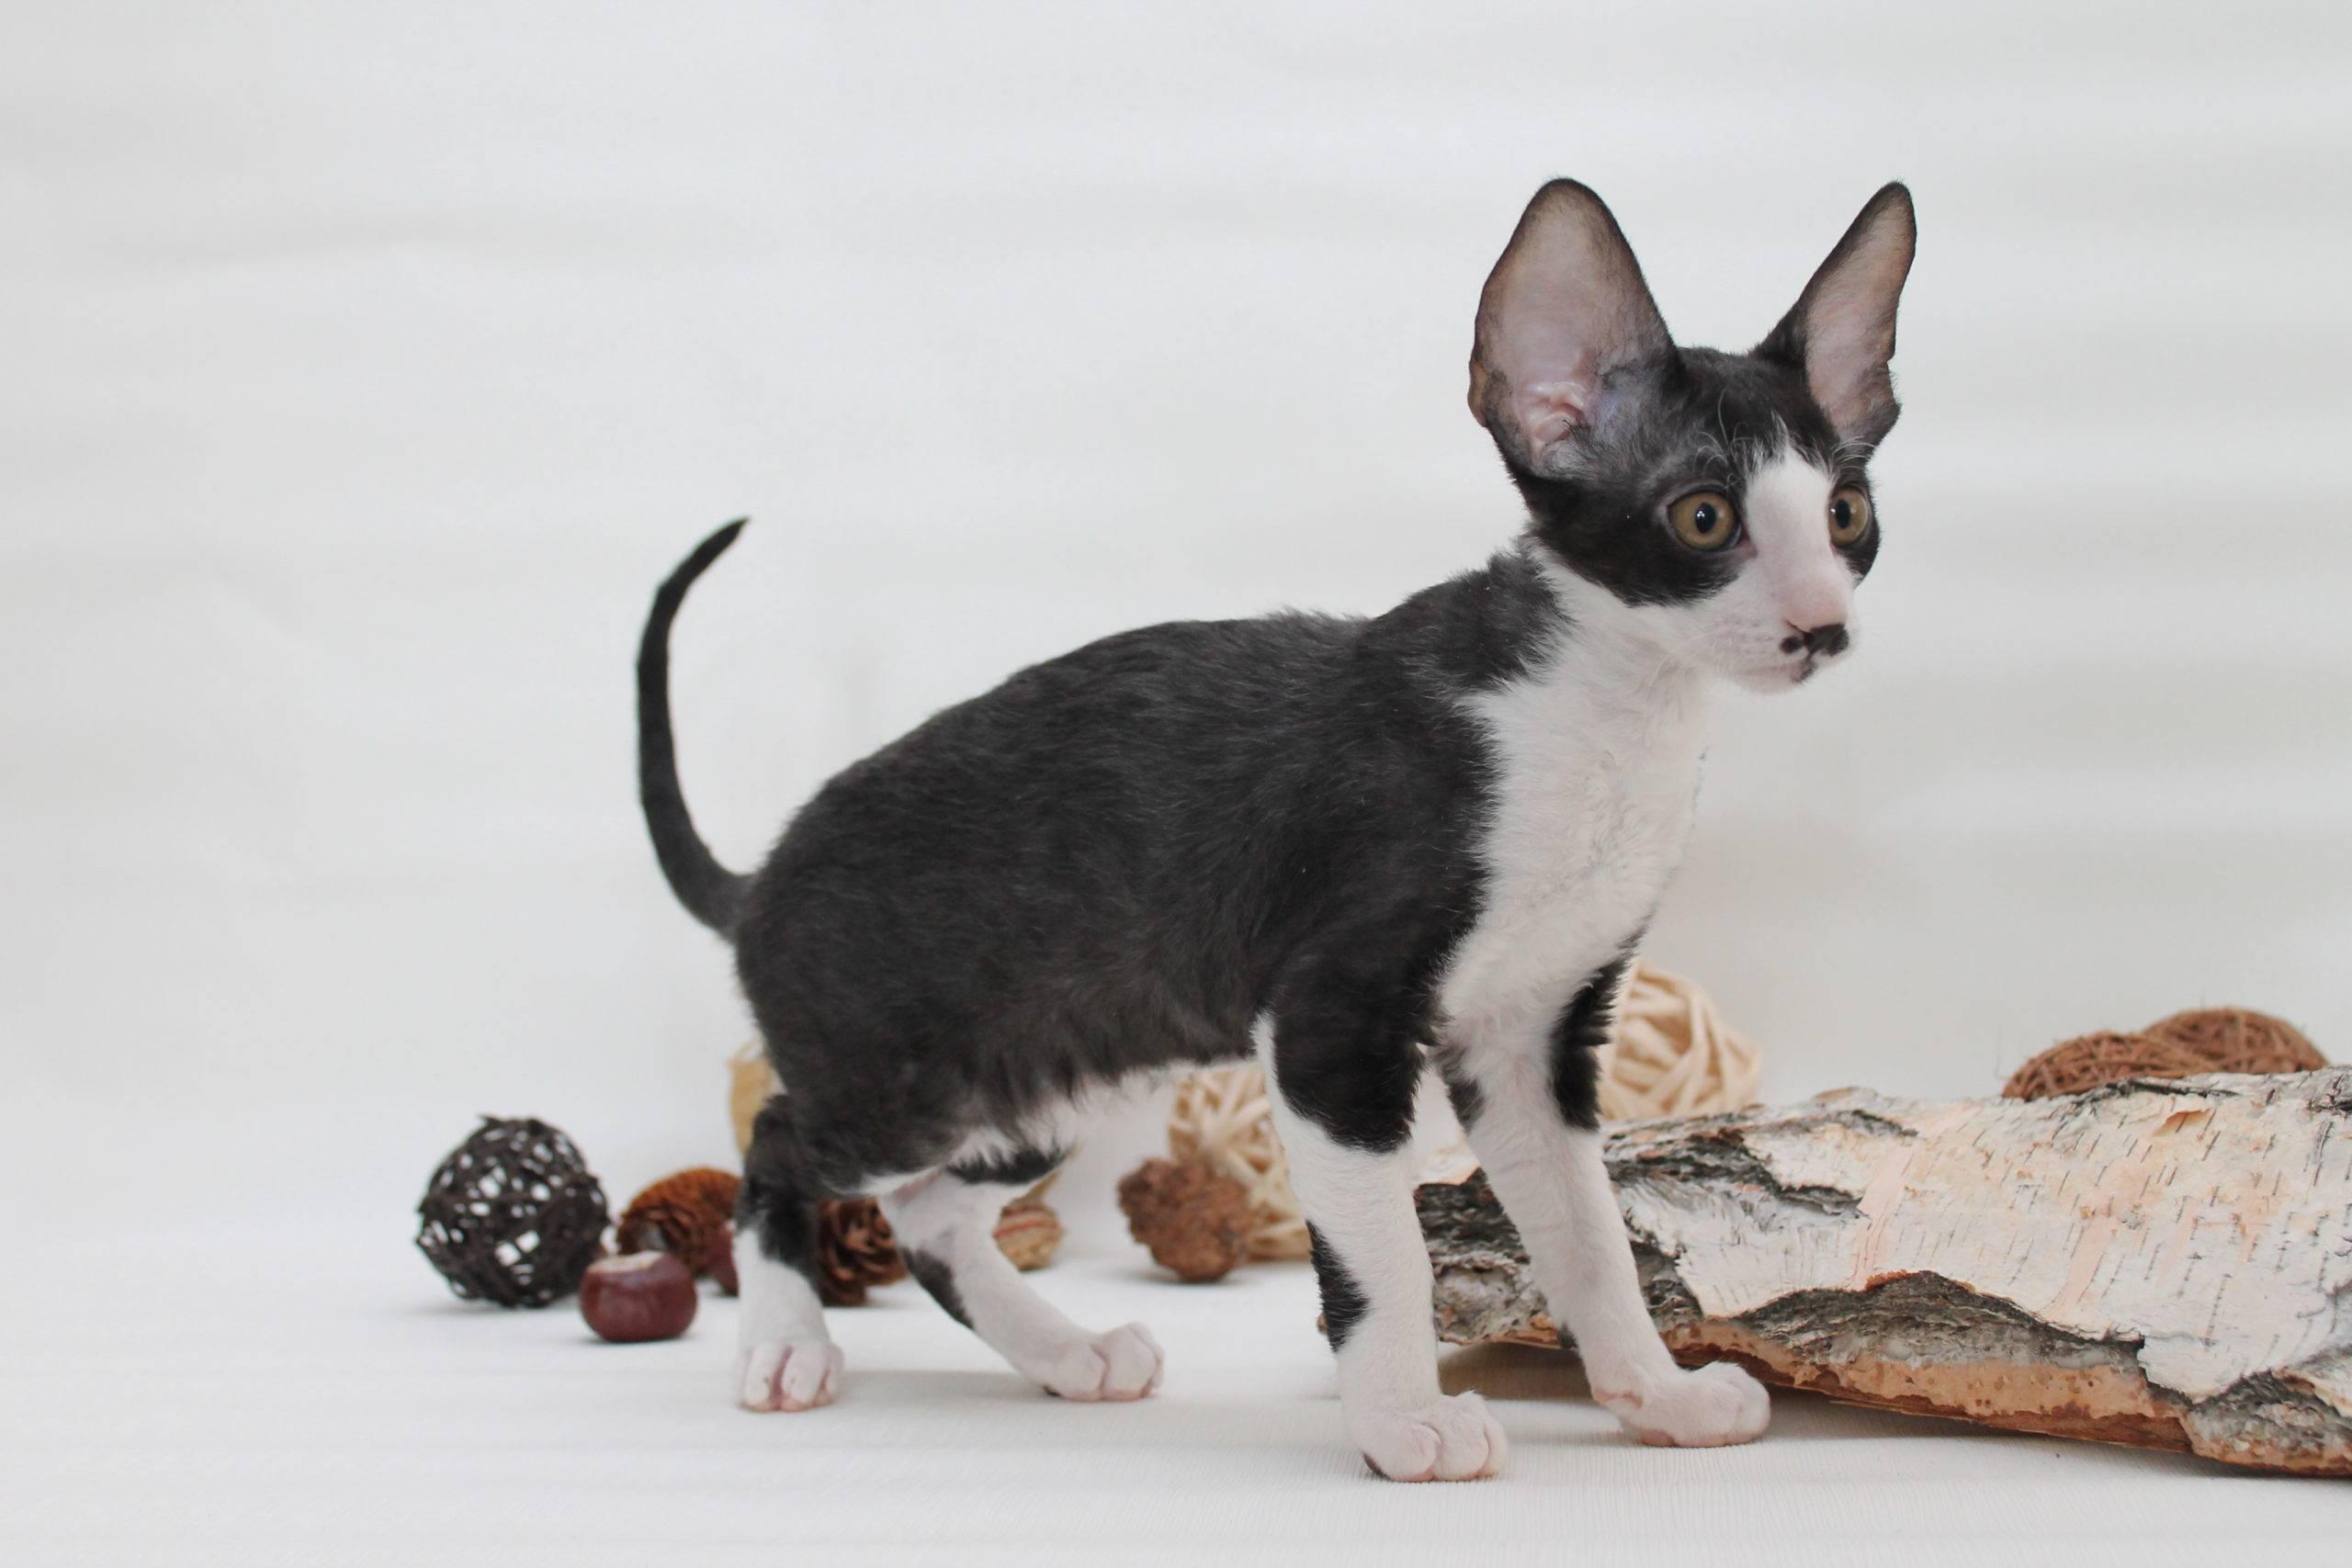 Порода кошек корниш рекс: фото, описание породы, отзывы, характер